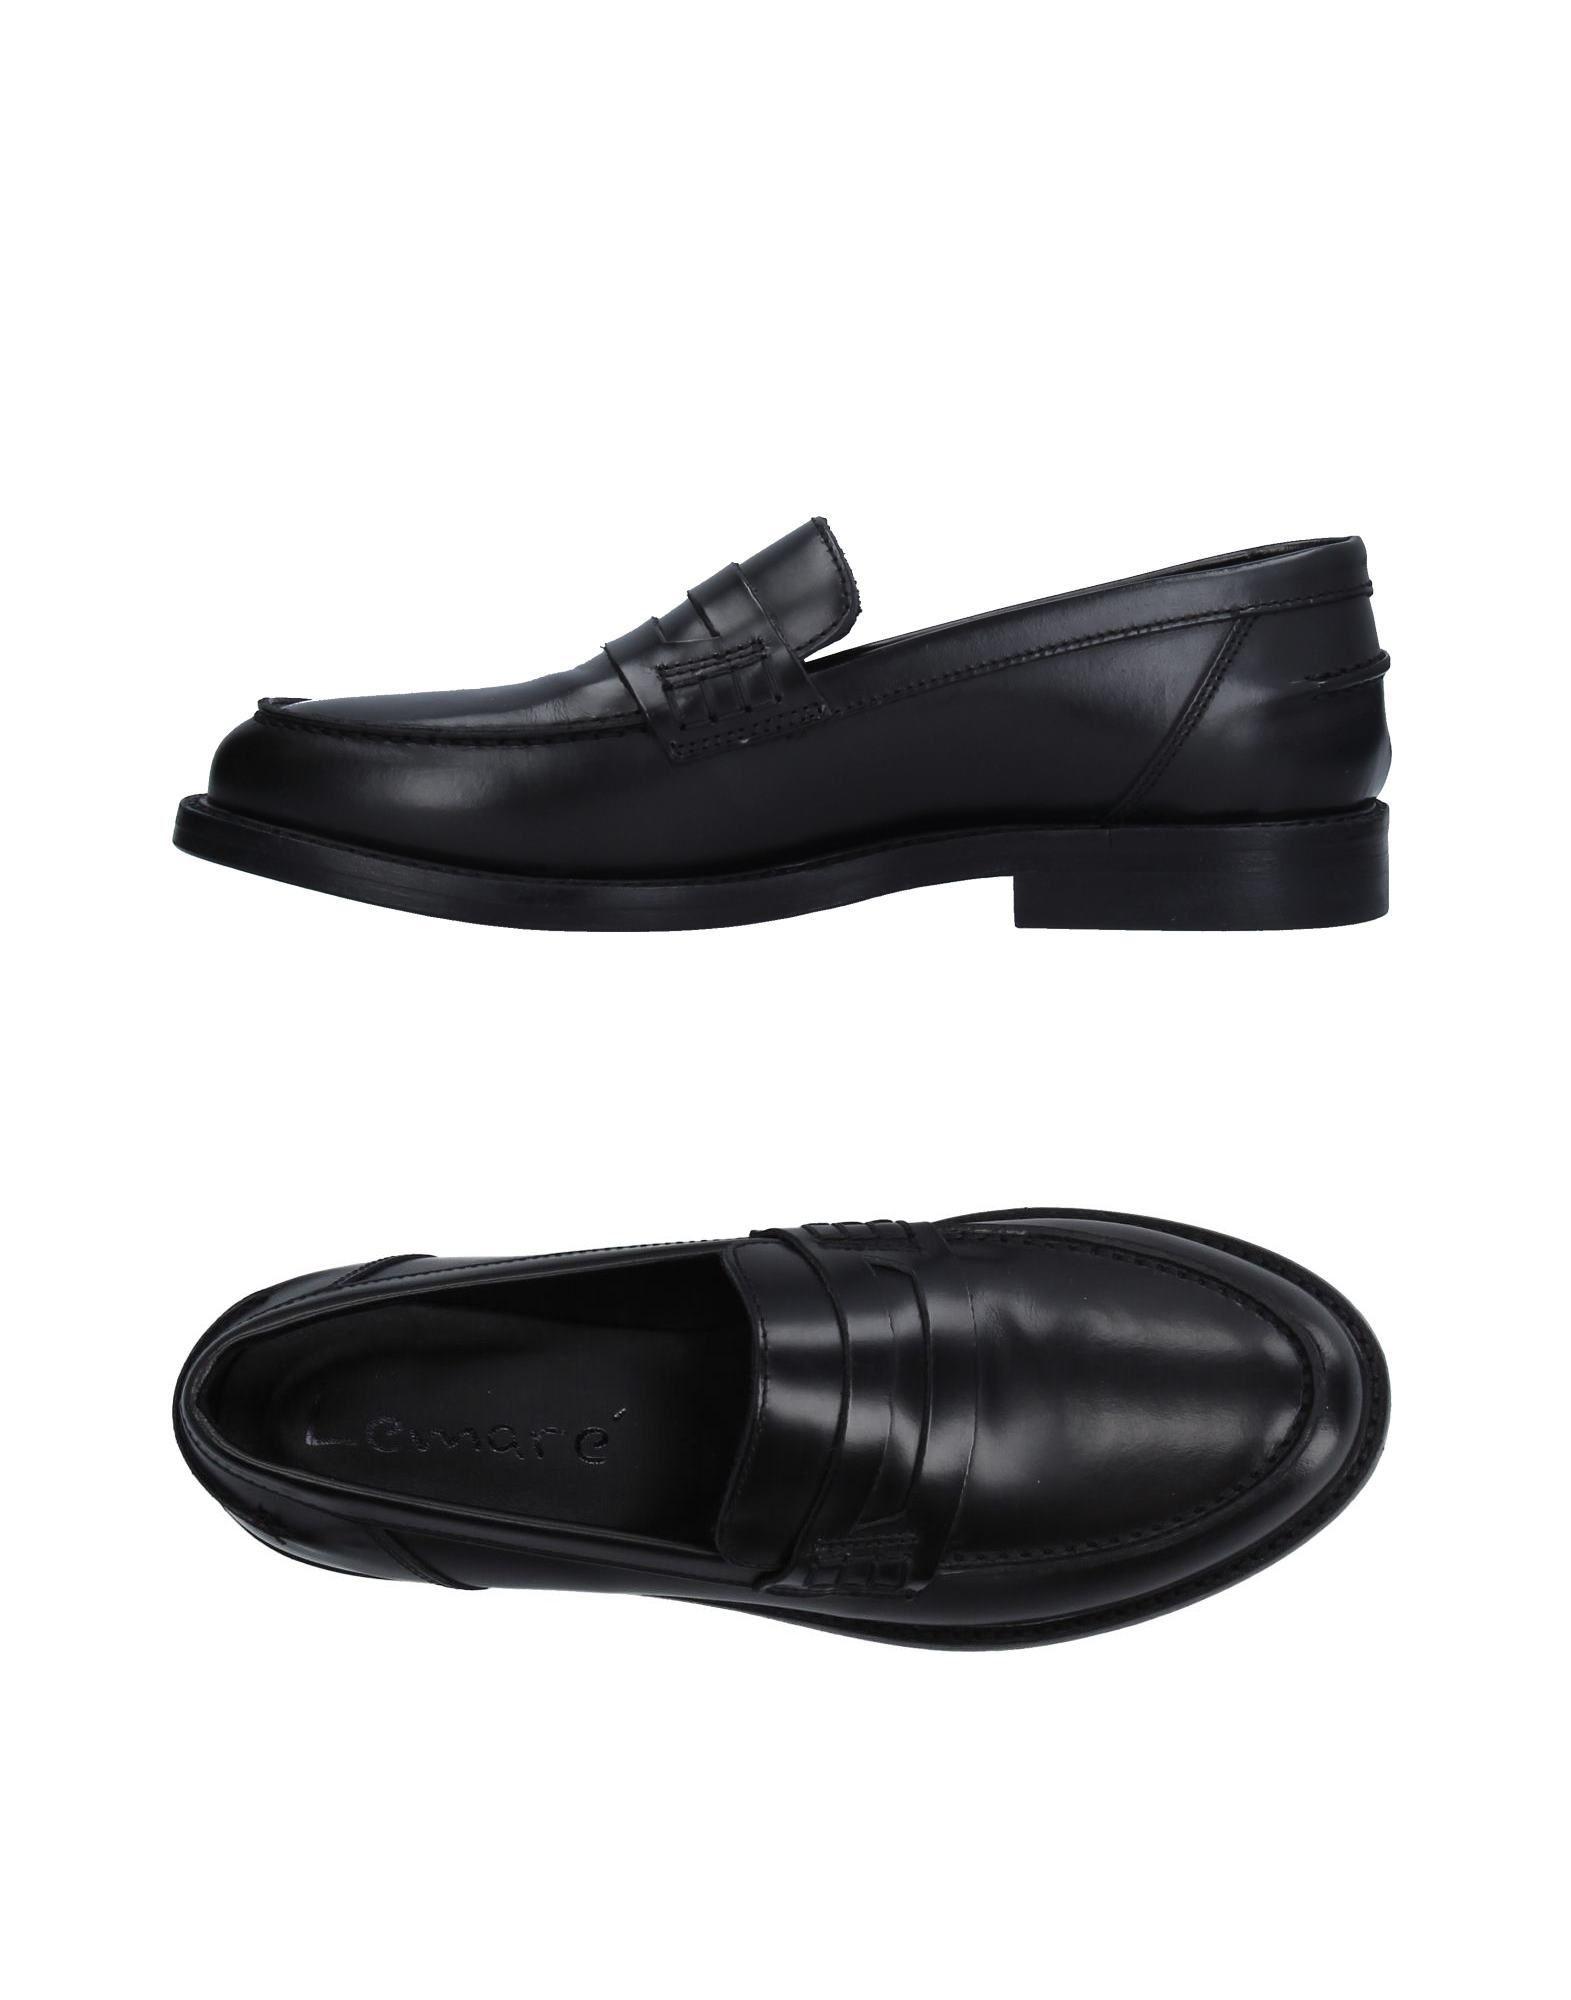 Lemaré Mokassins Qualität Damen  11256352TM Gute Qualität Mokassins beliebte Schuhe 00d010